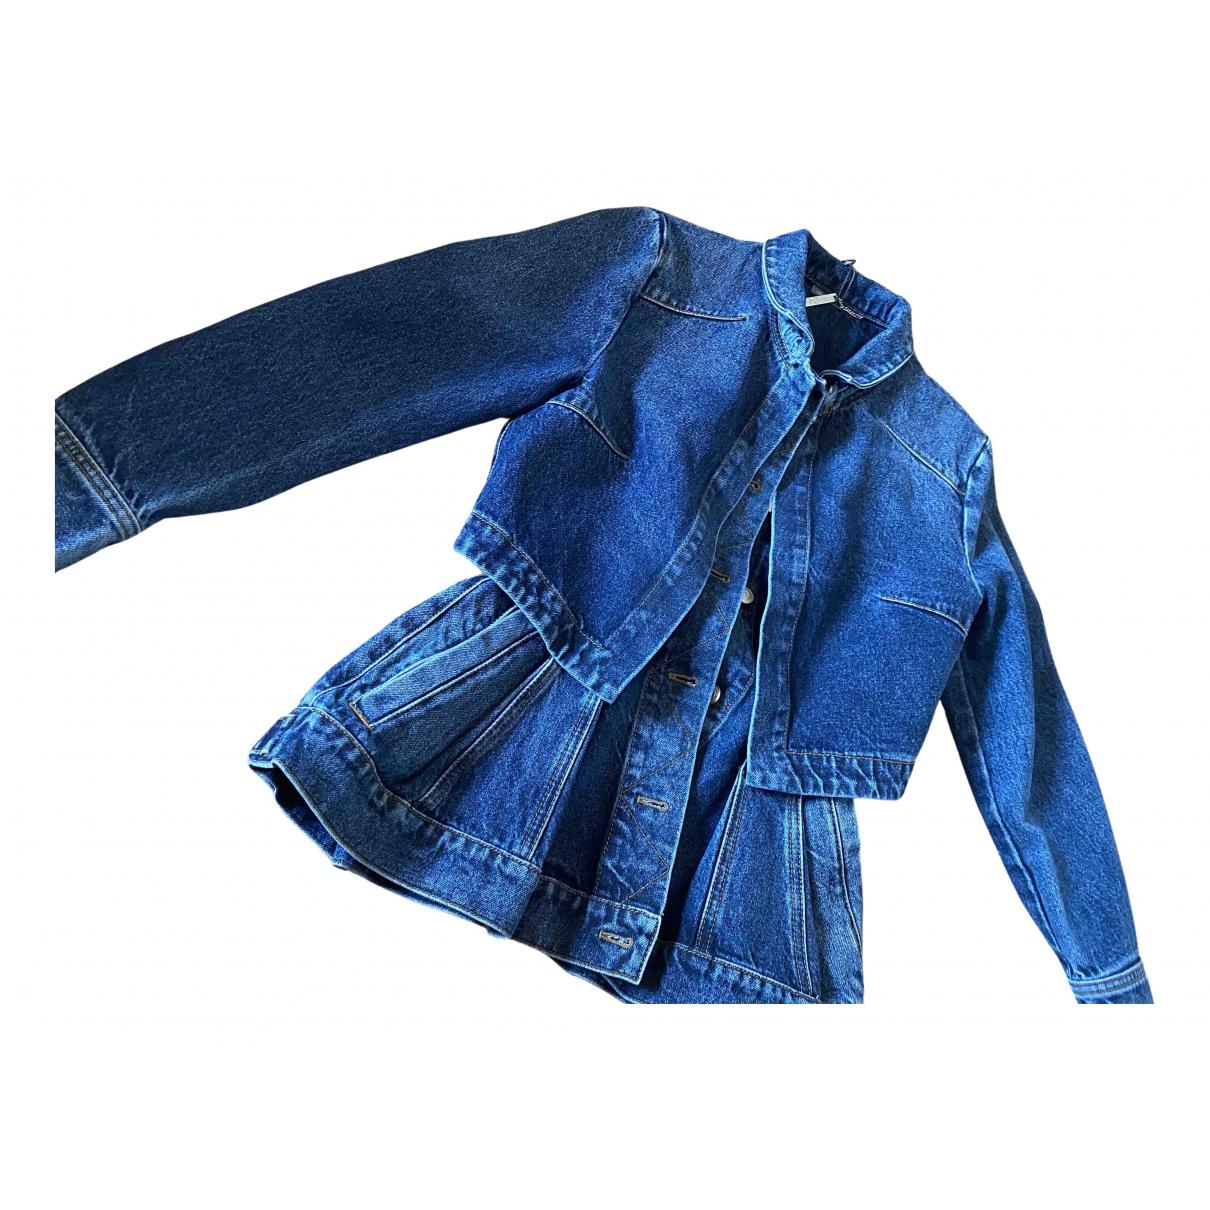 Alexander Mcqueen N Blue Denim - Jeans jacket for Women 40 IT